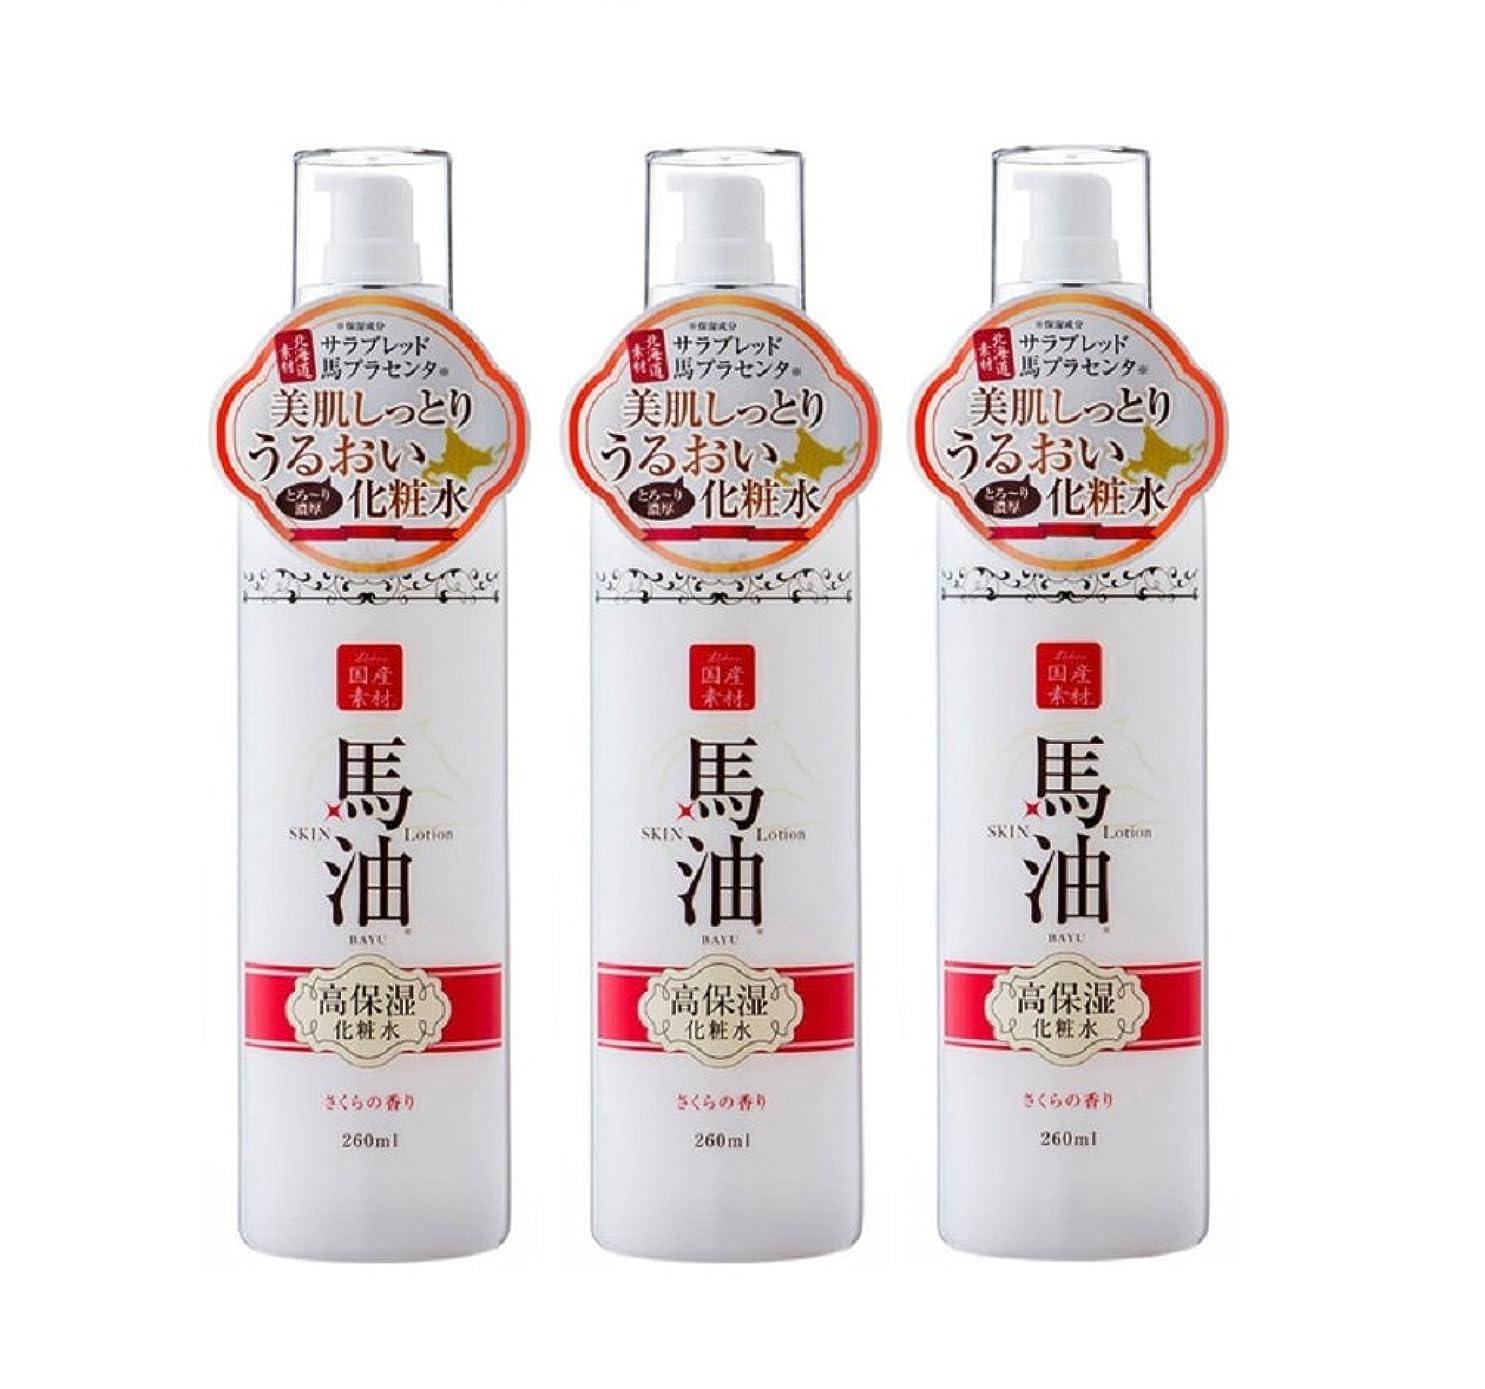 アプライアンスサスペンドガジュマルリシャン 馬油化粧水 さくらの香り 260ml×3本セット